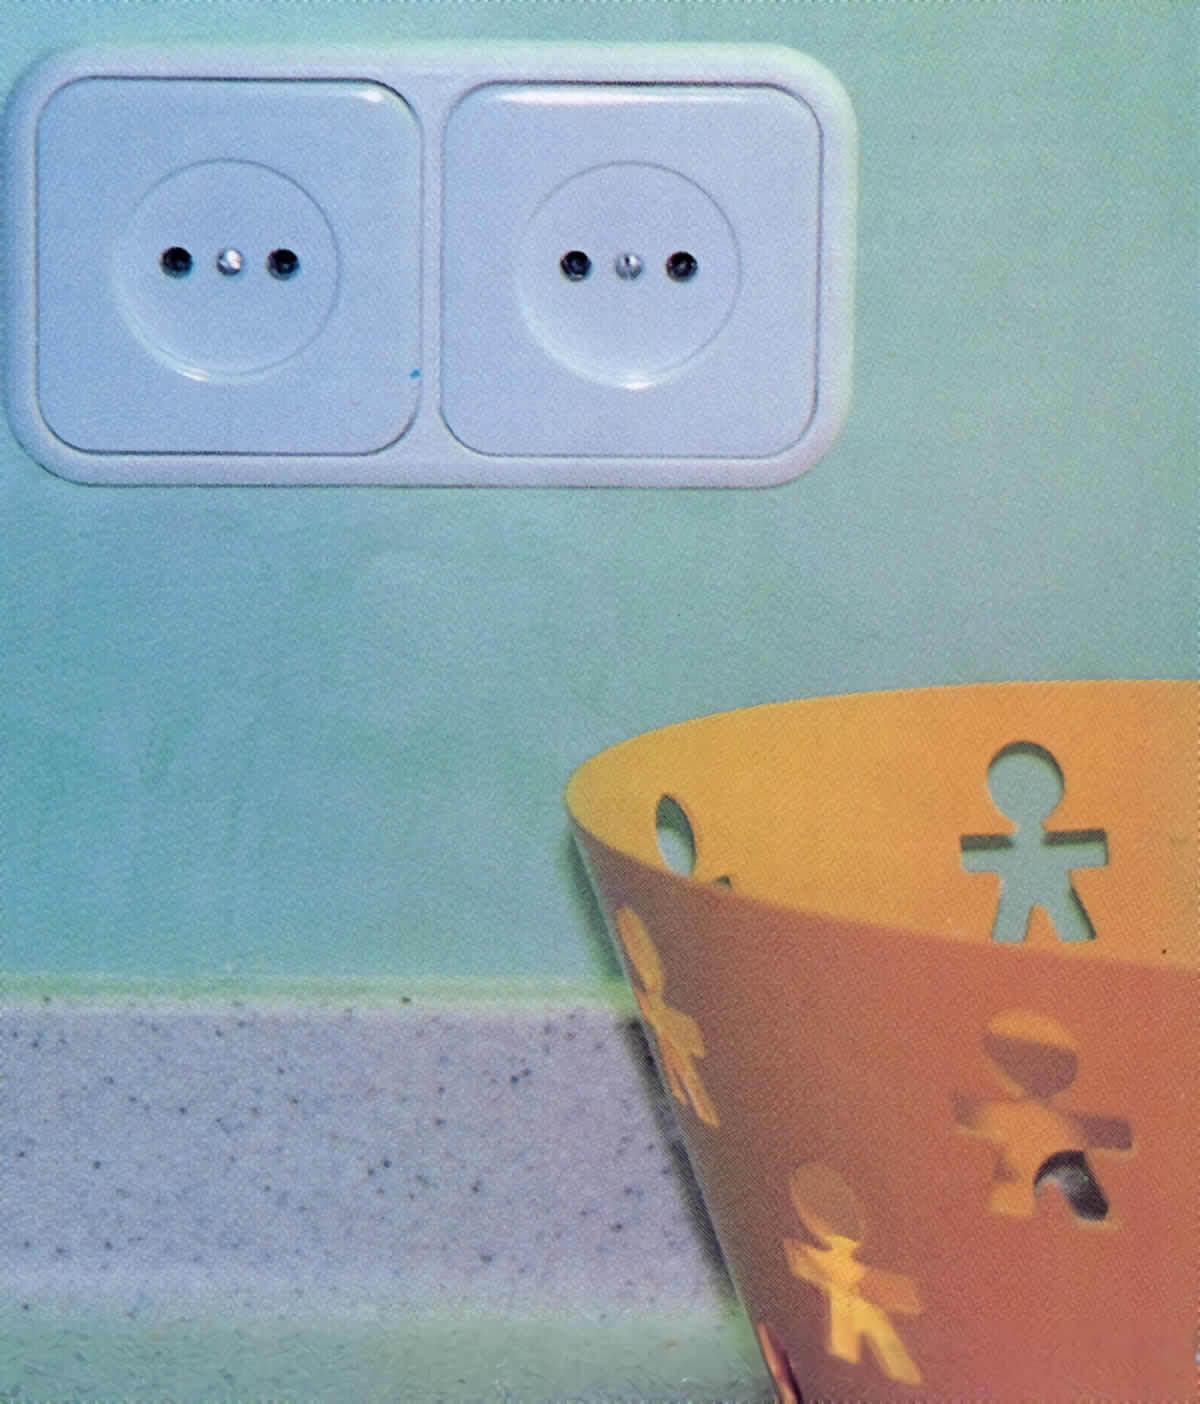 Cómo instalar un mecanismo eléctrico empotrado